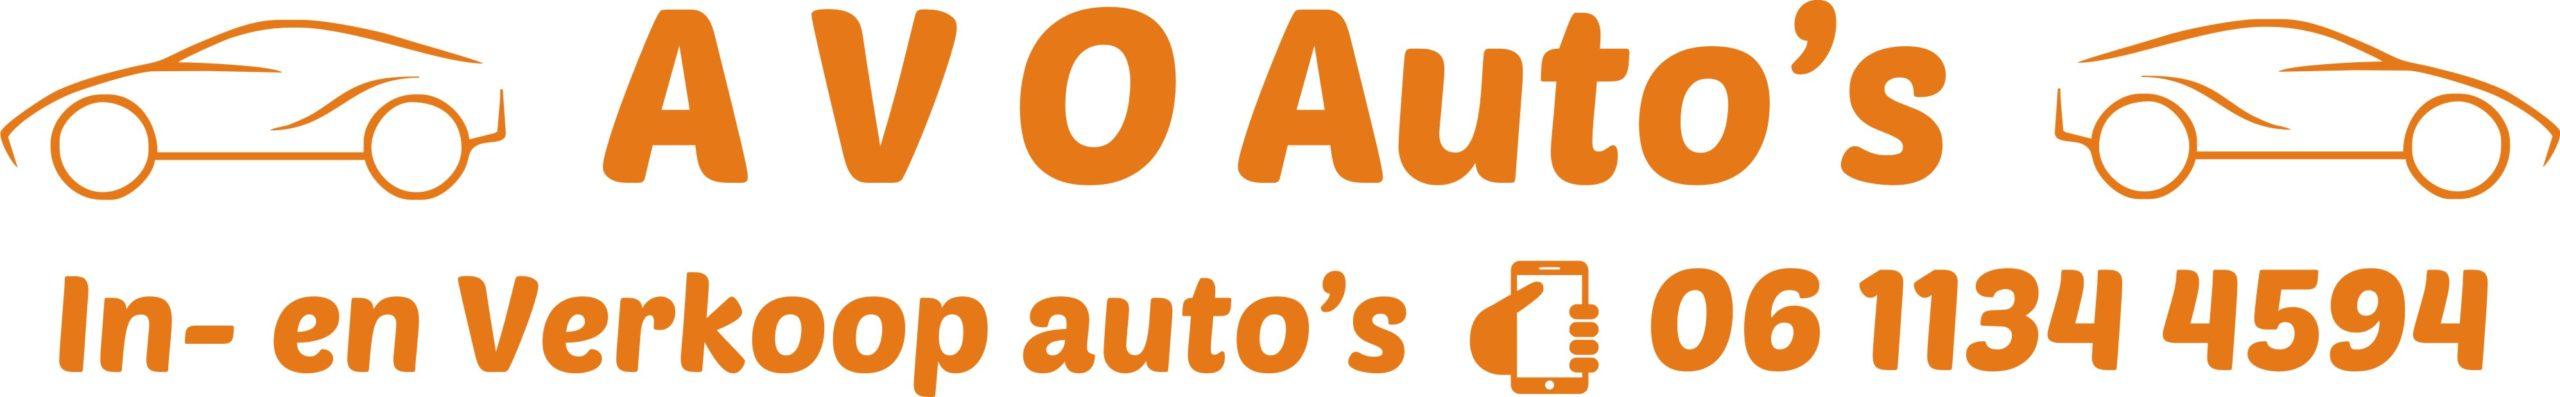 AVO Auto's